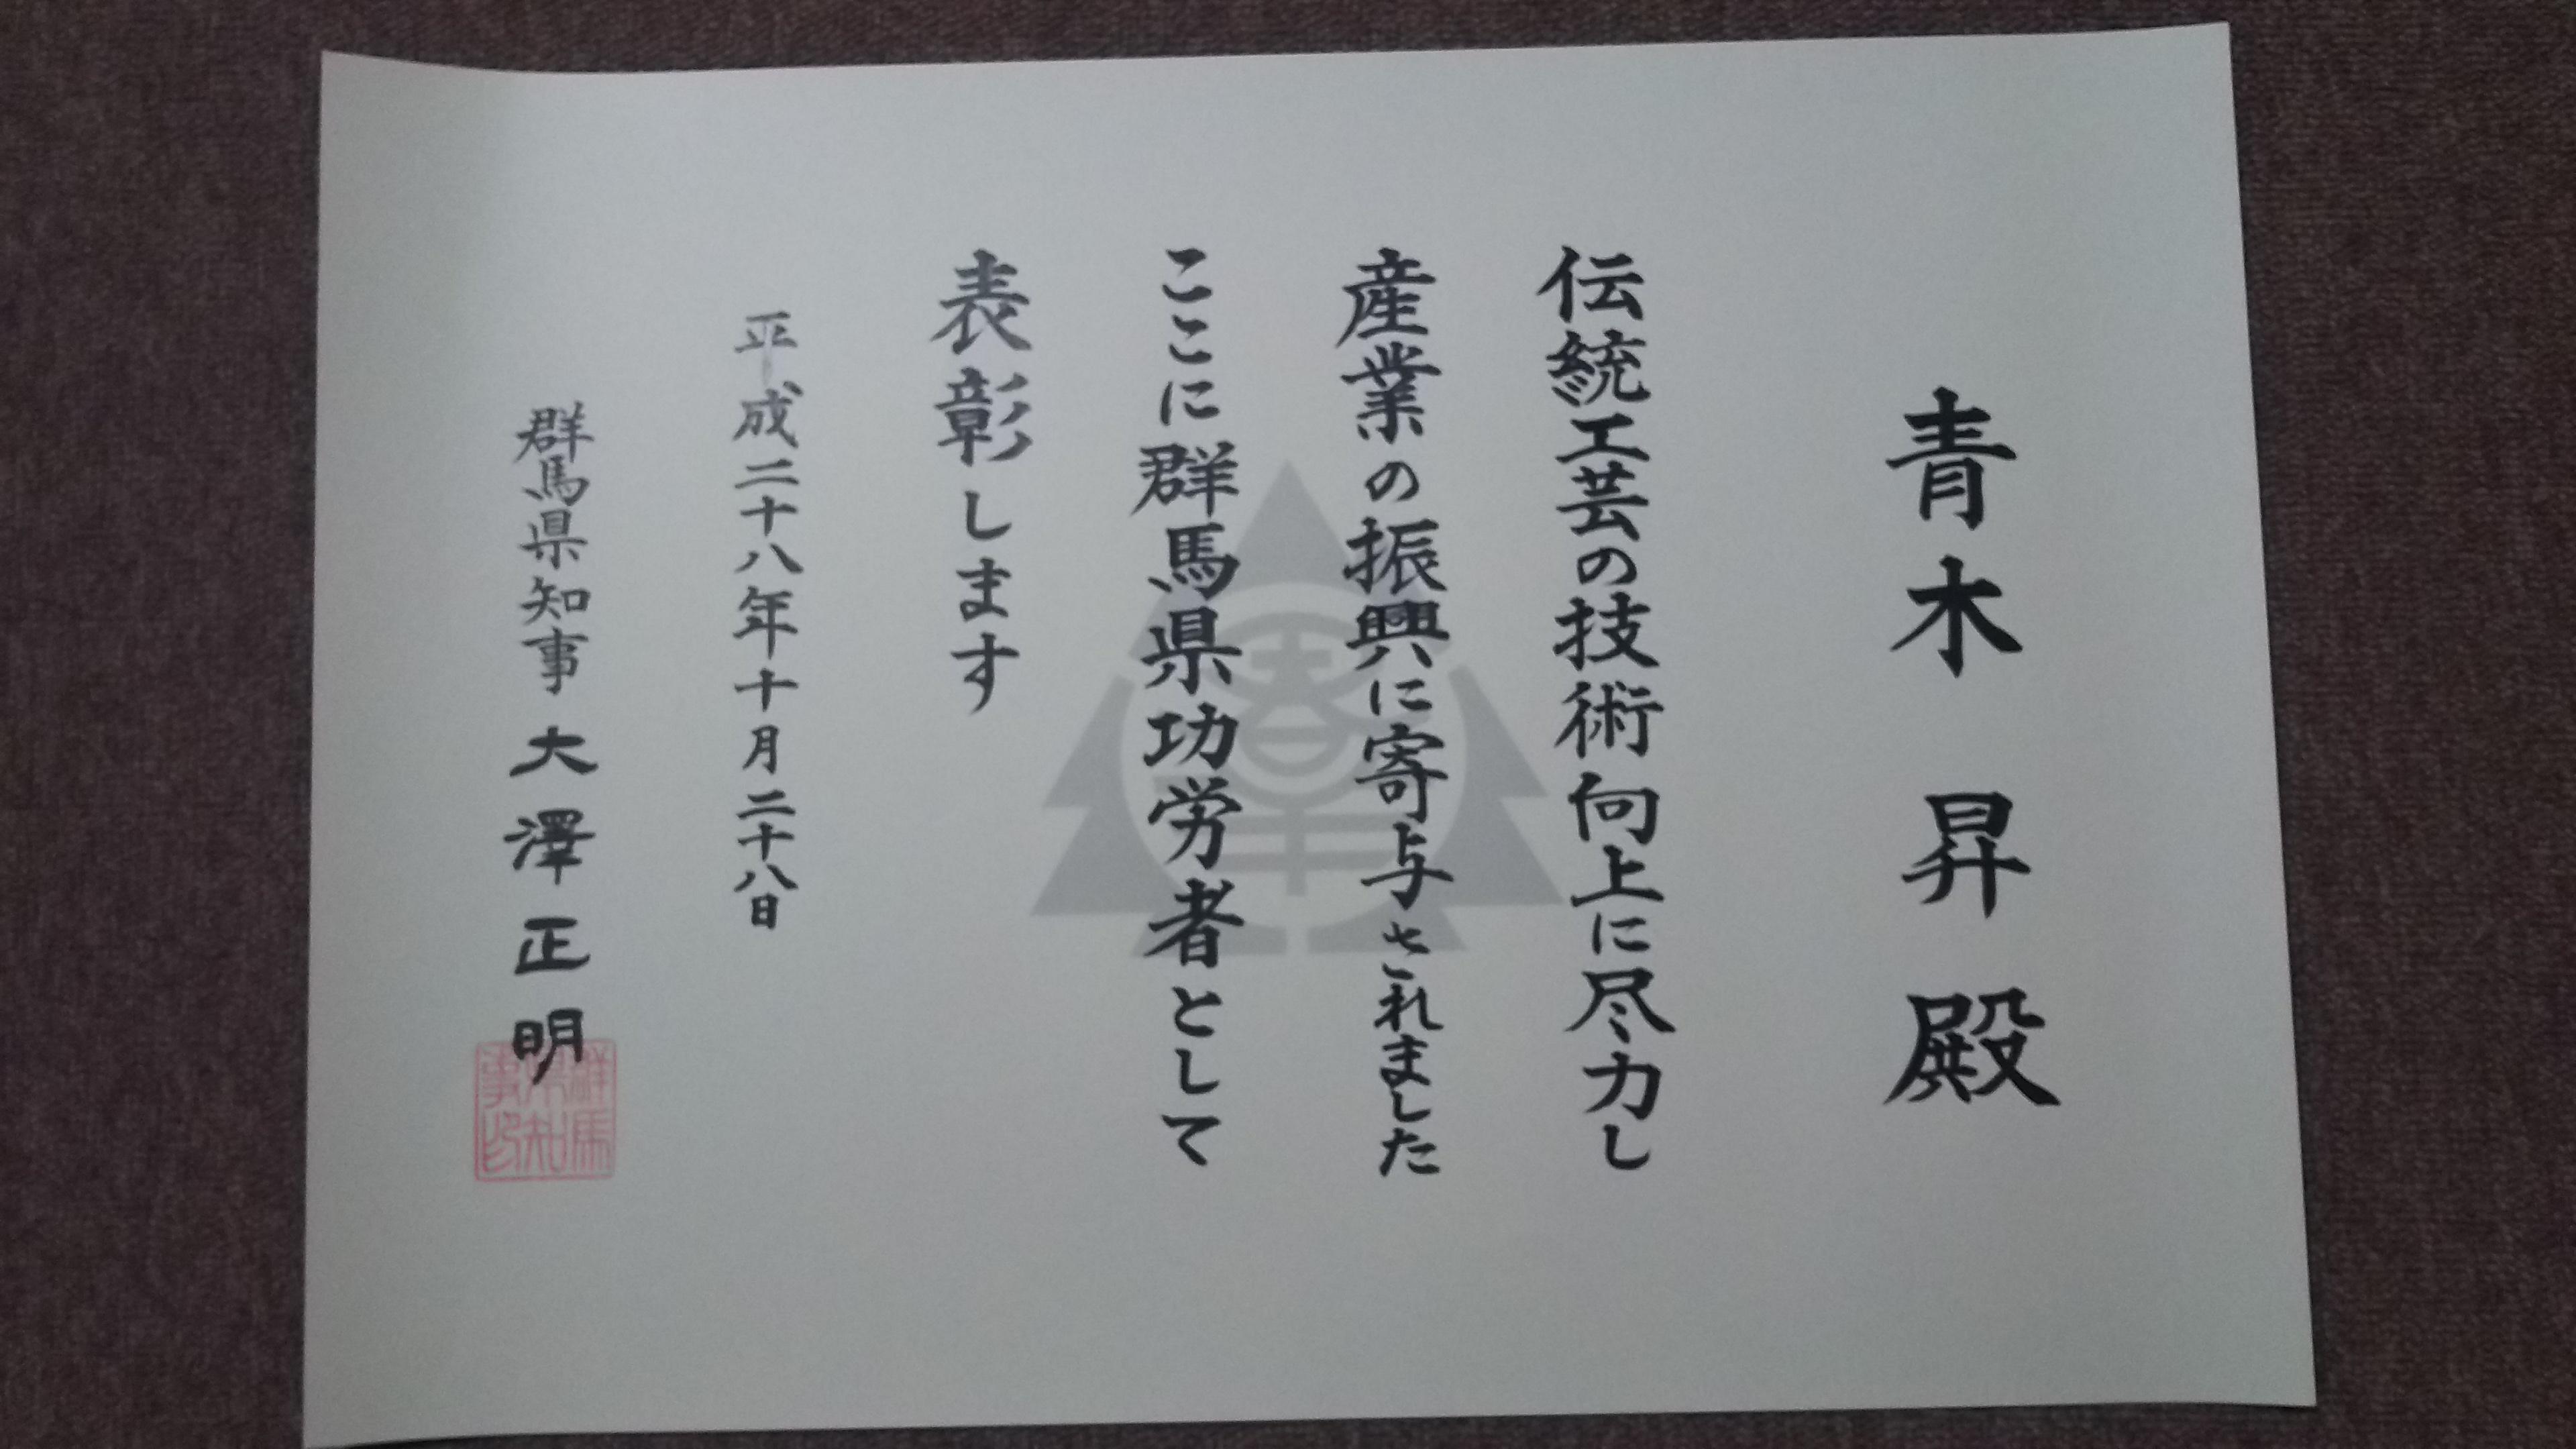 群馬県功労者表彰式